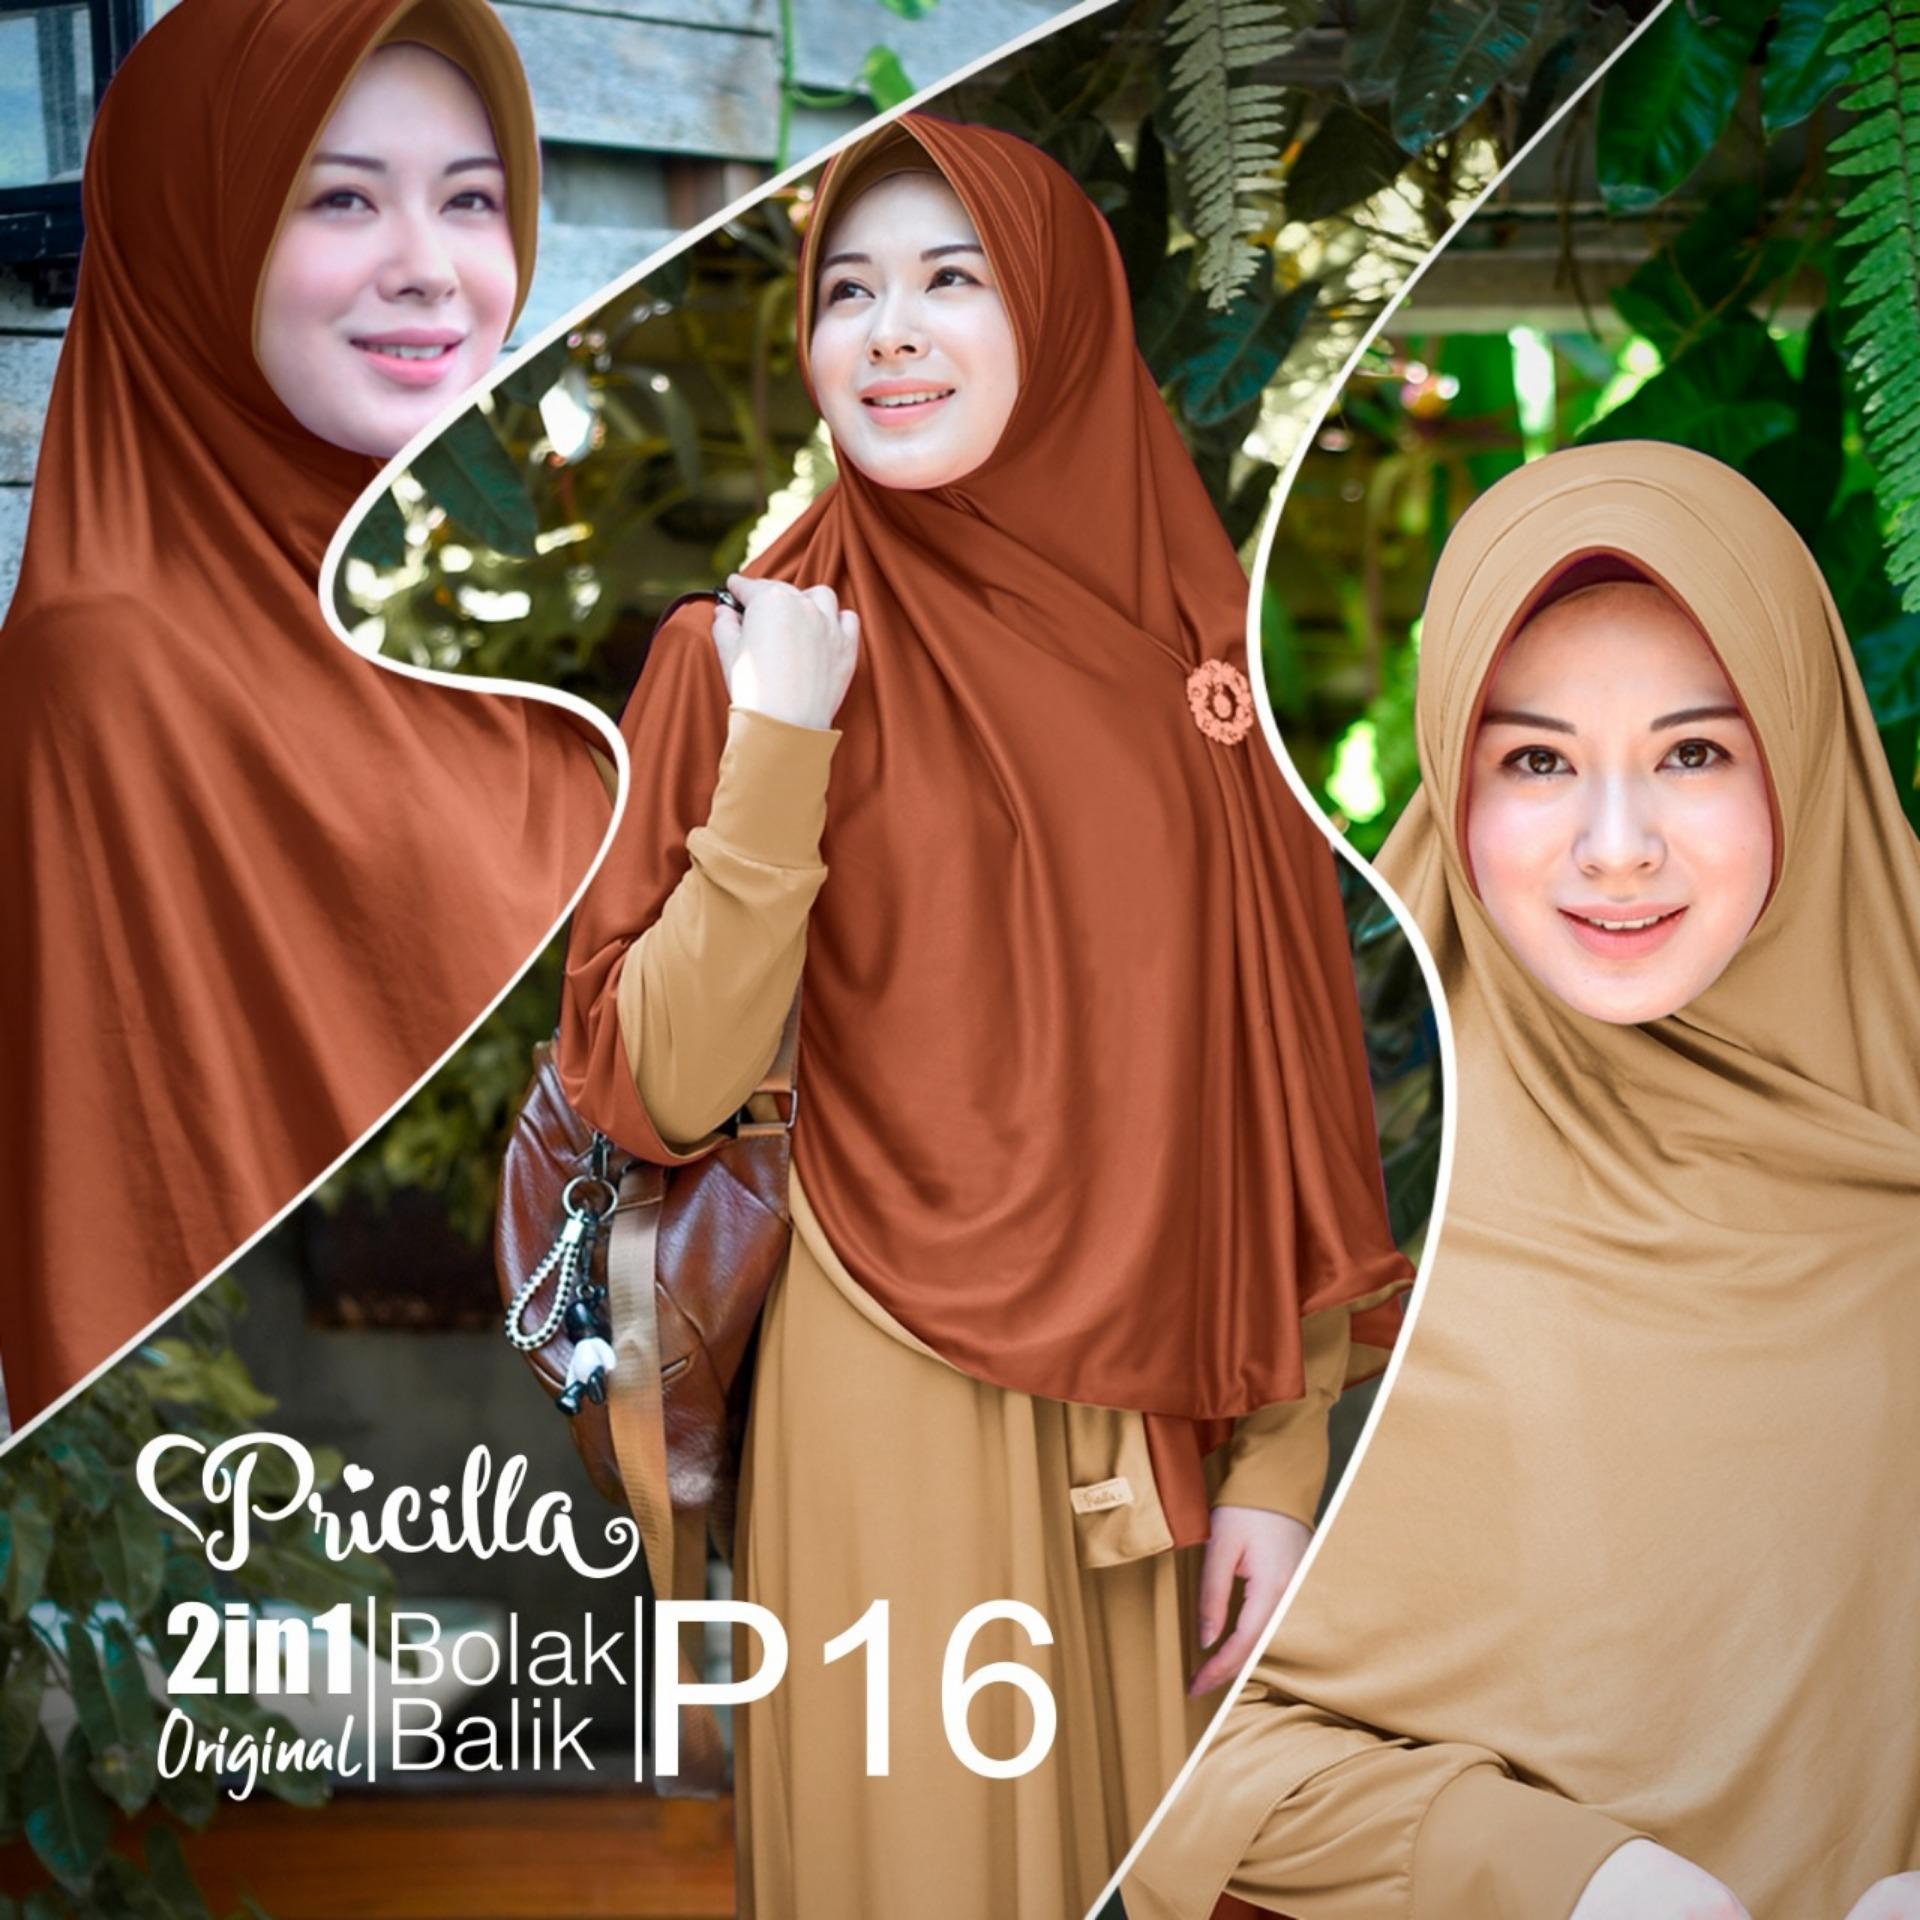 Zannah Hijab Jilbab Bolak Balik Dua Warna 2 in 1 Jumbo Syari Panjang Fashion Muslim Kerudung Instan Terbaru Model Sekarang Untuk Wanita Muslimah Jaman Now